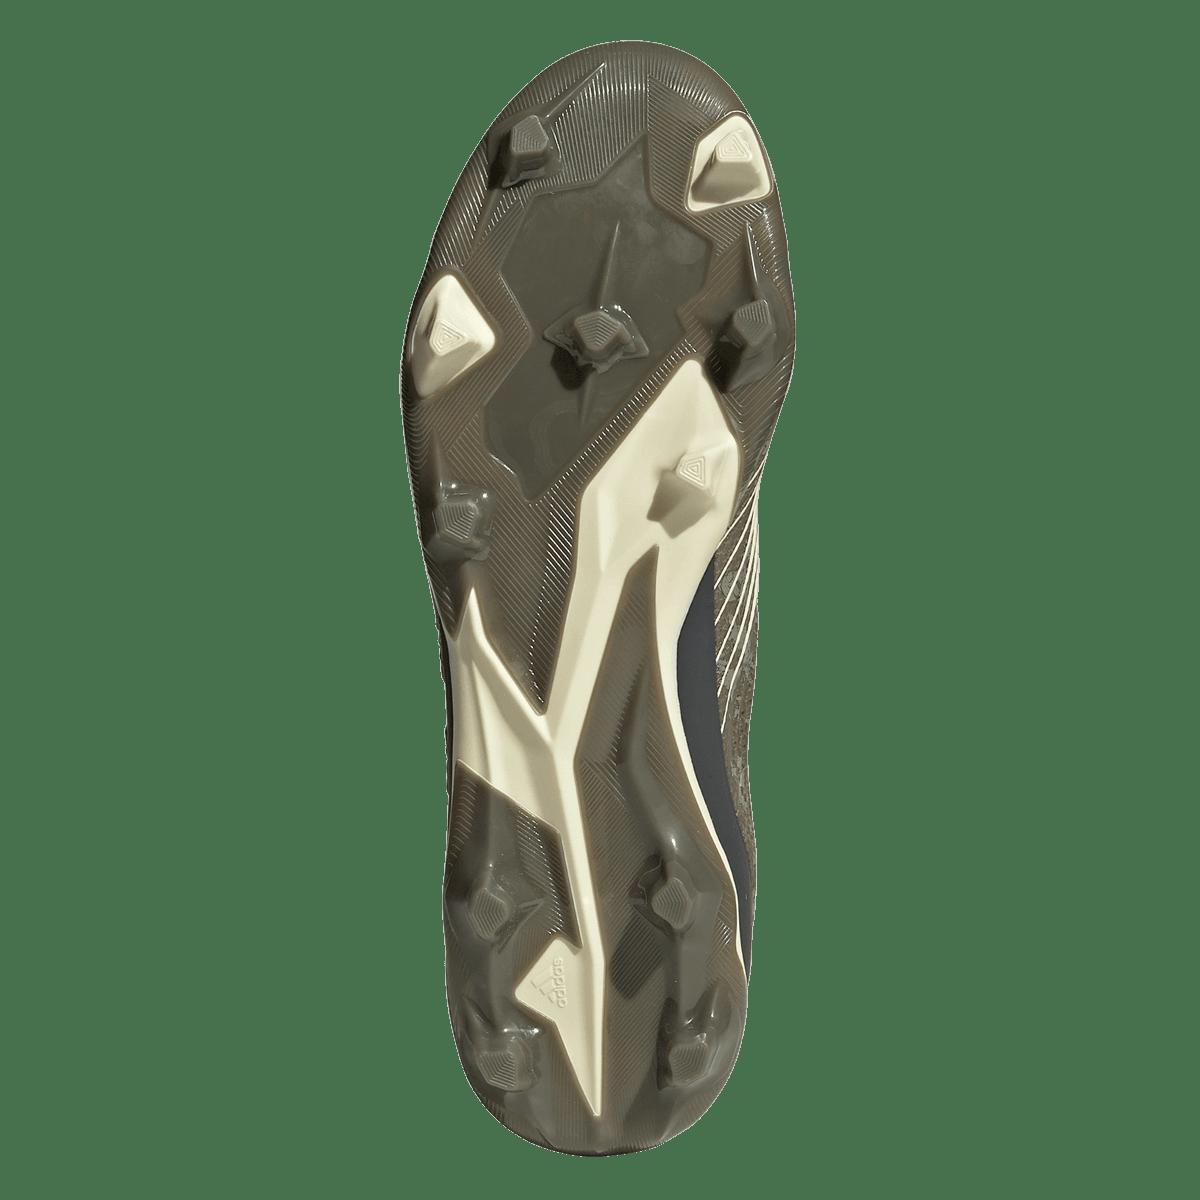 adidas voetbalschoenen Predator 19.2 FG olijfgroenbeige